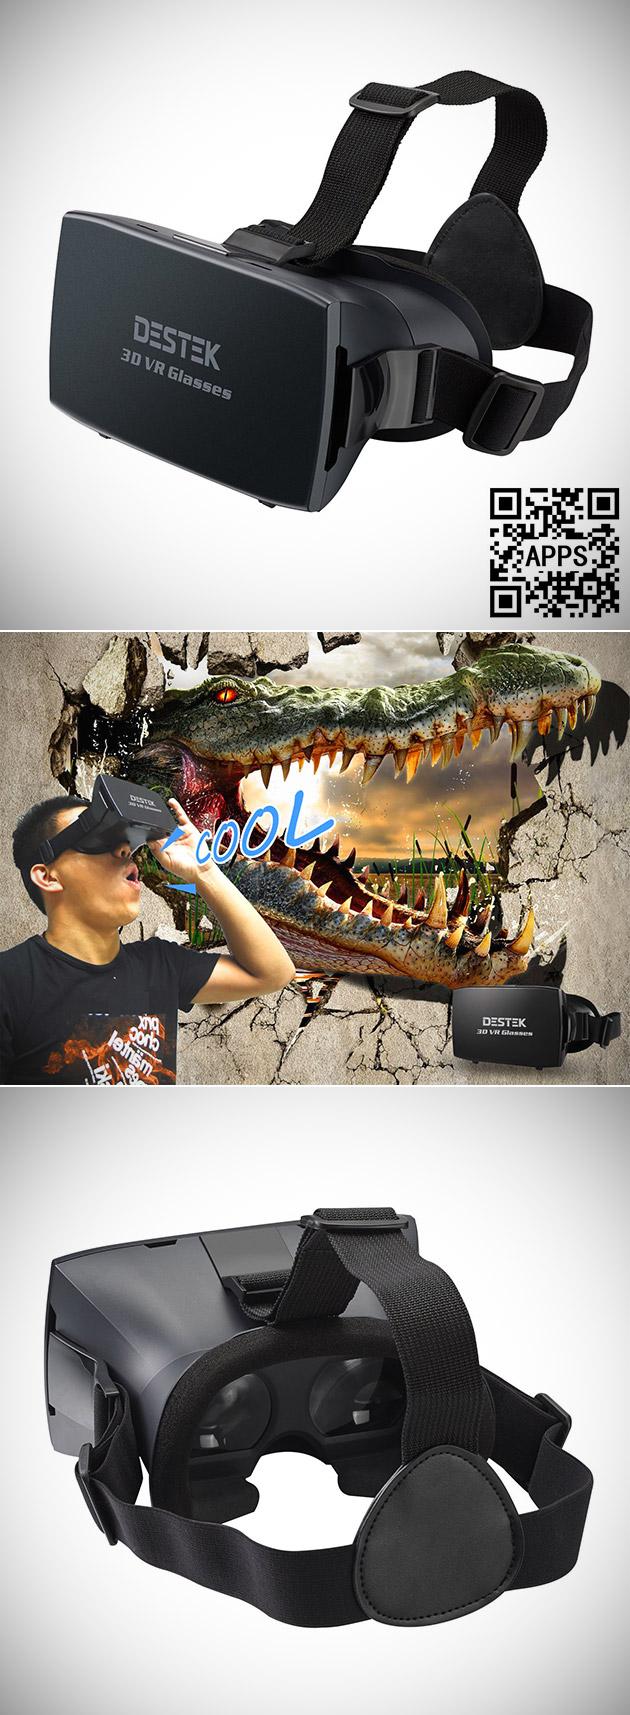 Destek 3D VR Glasses